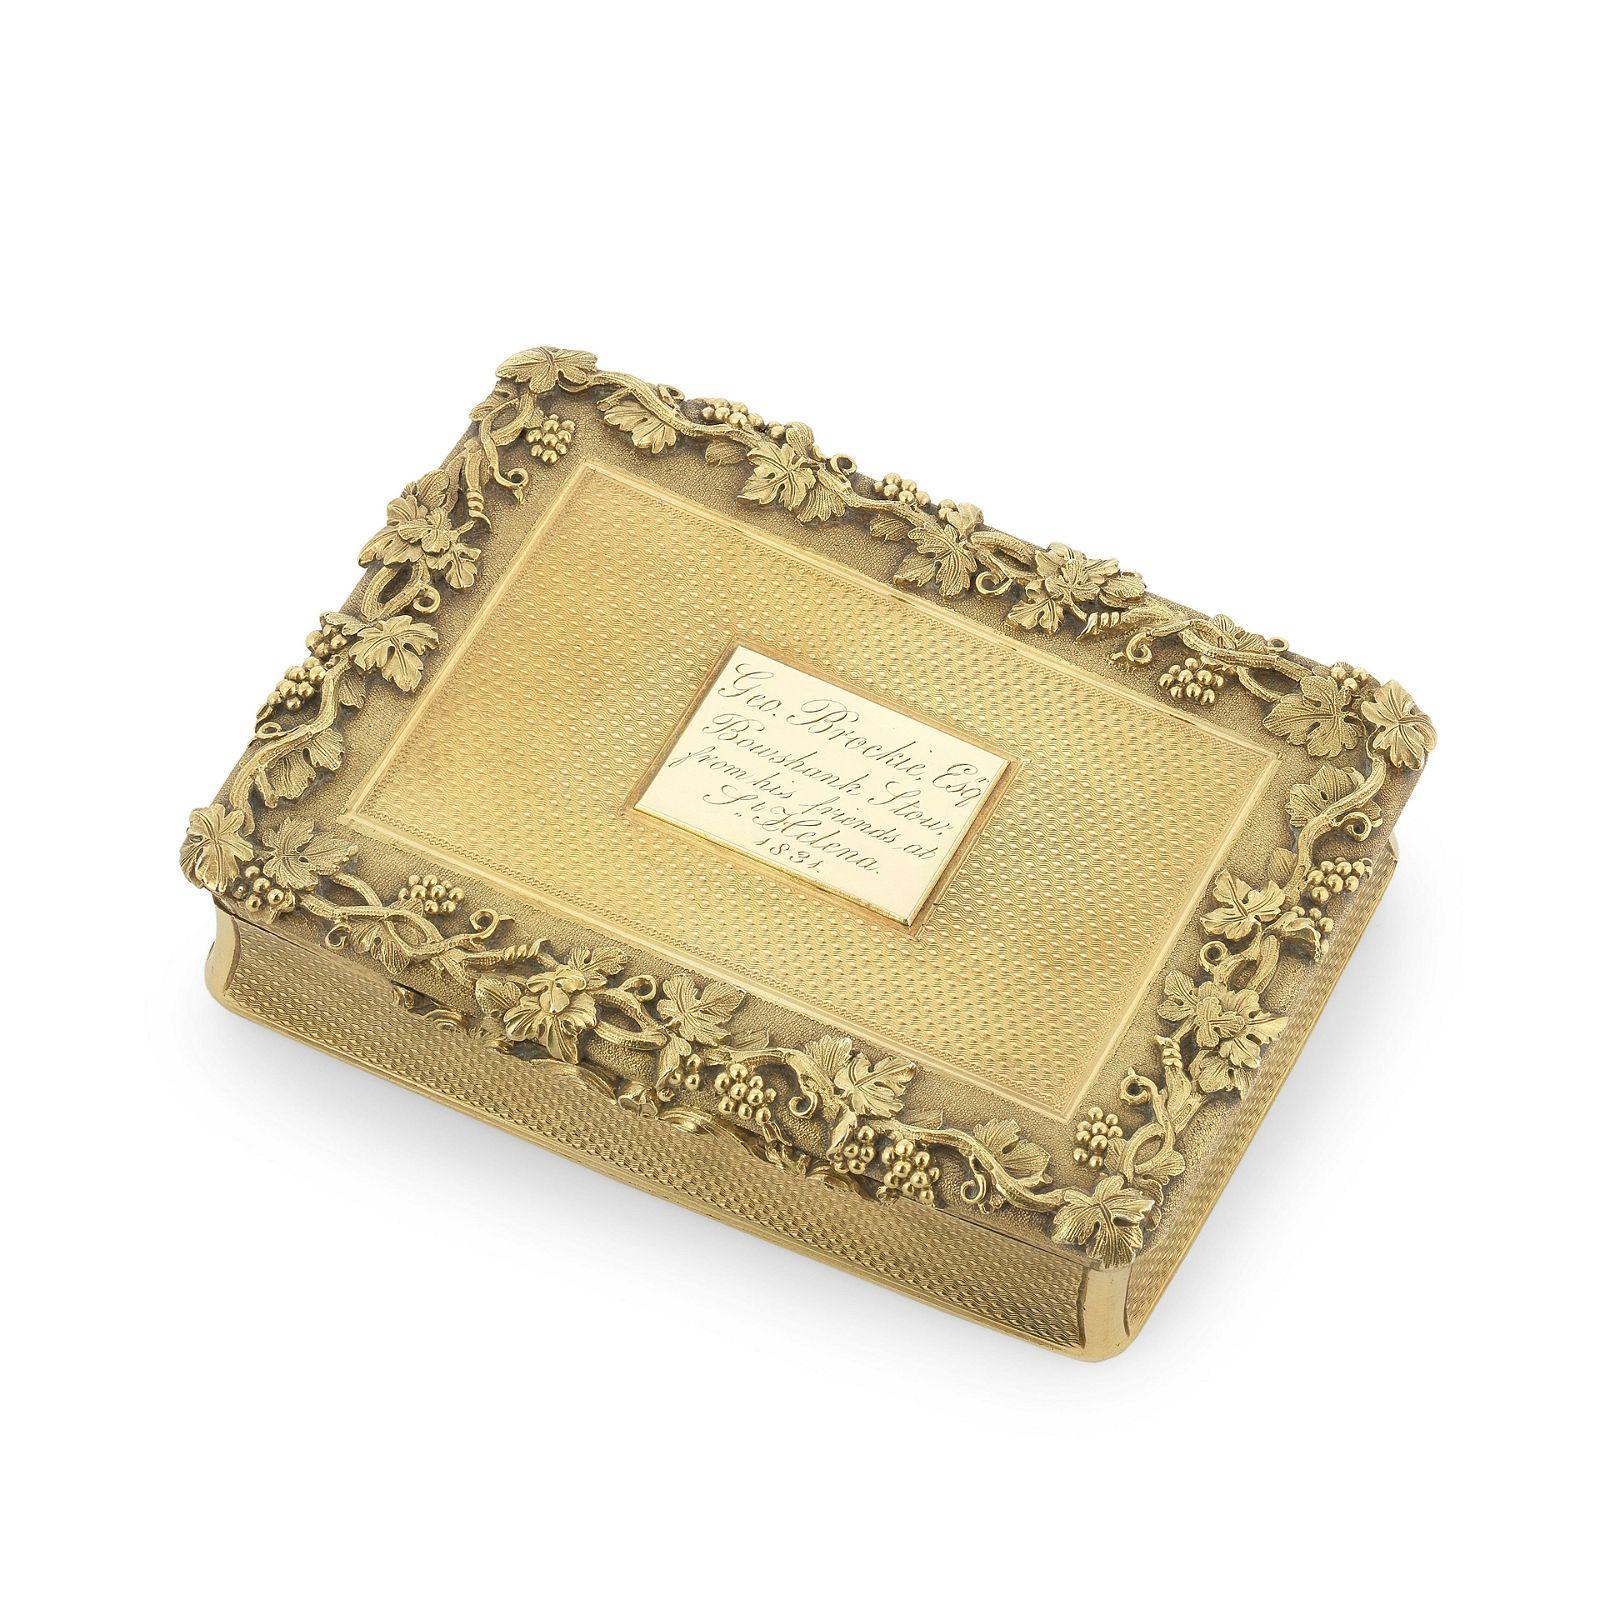 A William IV silver-gilt snuff box